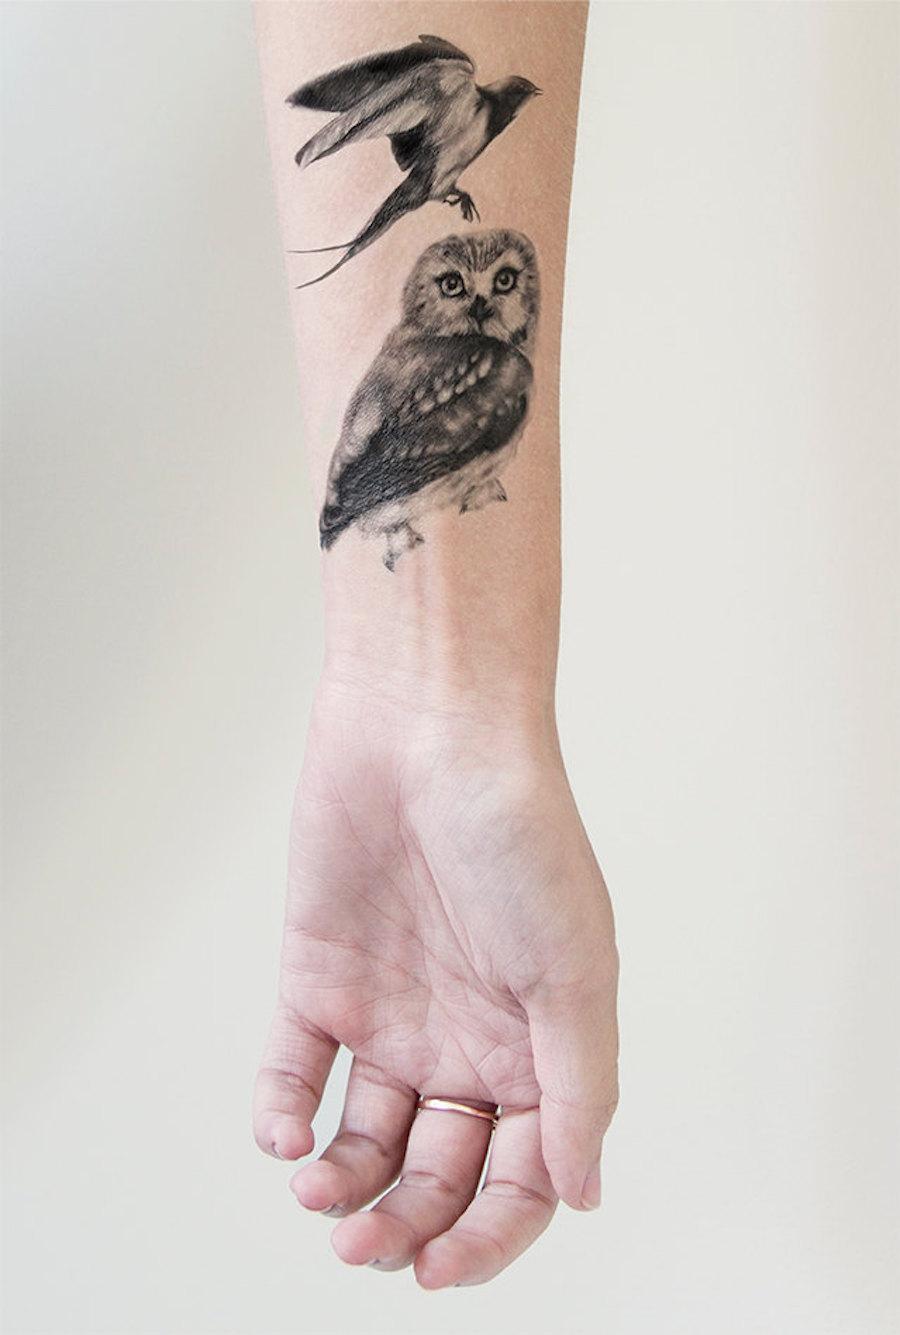 tatuaggi-temporanei-eleganti-natura-volpi-fiori-conigli-kelly-mitchell-04